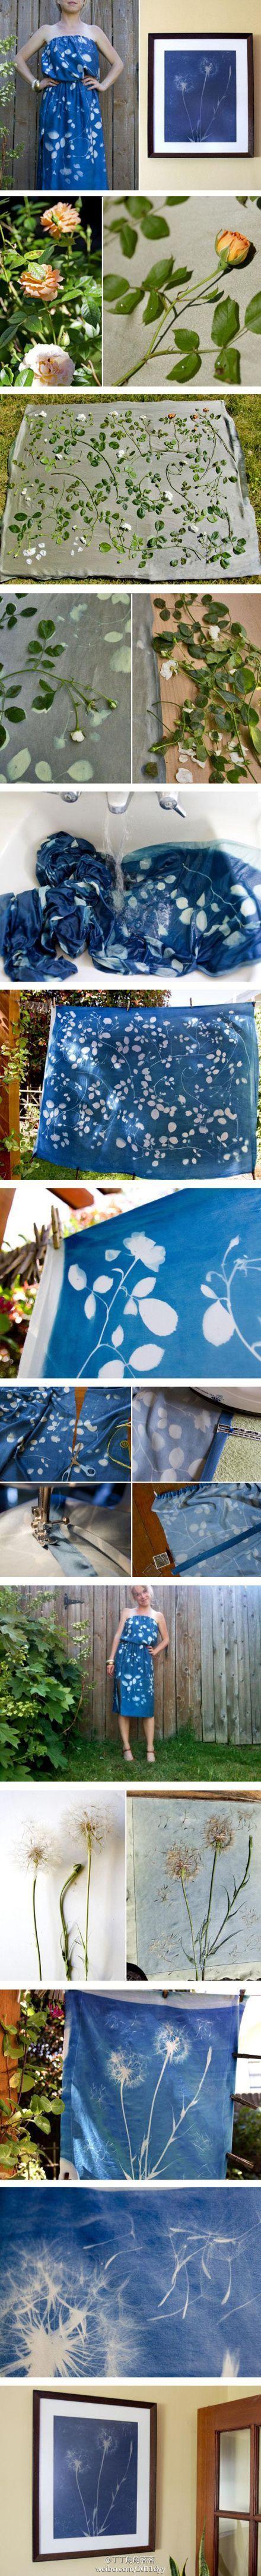 DIY Beautifully Painted Fabric